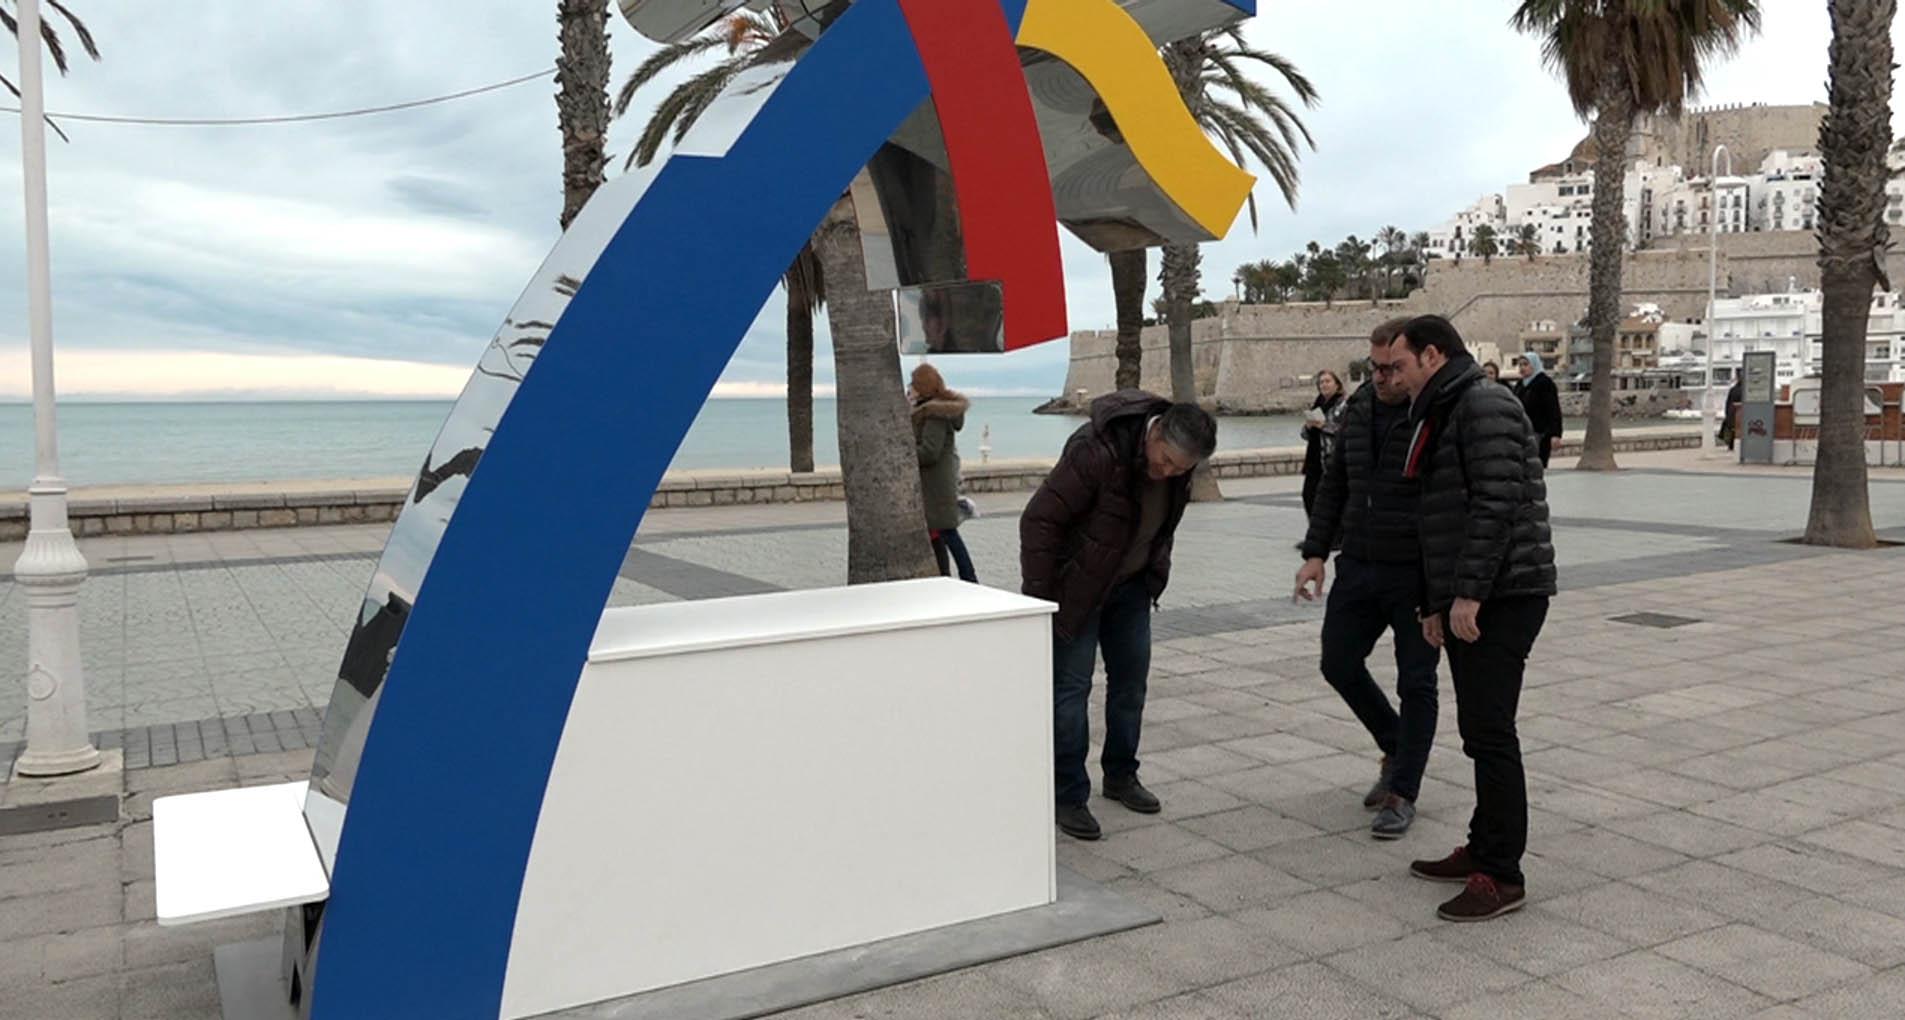 Peníscola, l'Agència Valenciana de Turisme instal·la un punt de recarrega al passeig marítim